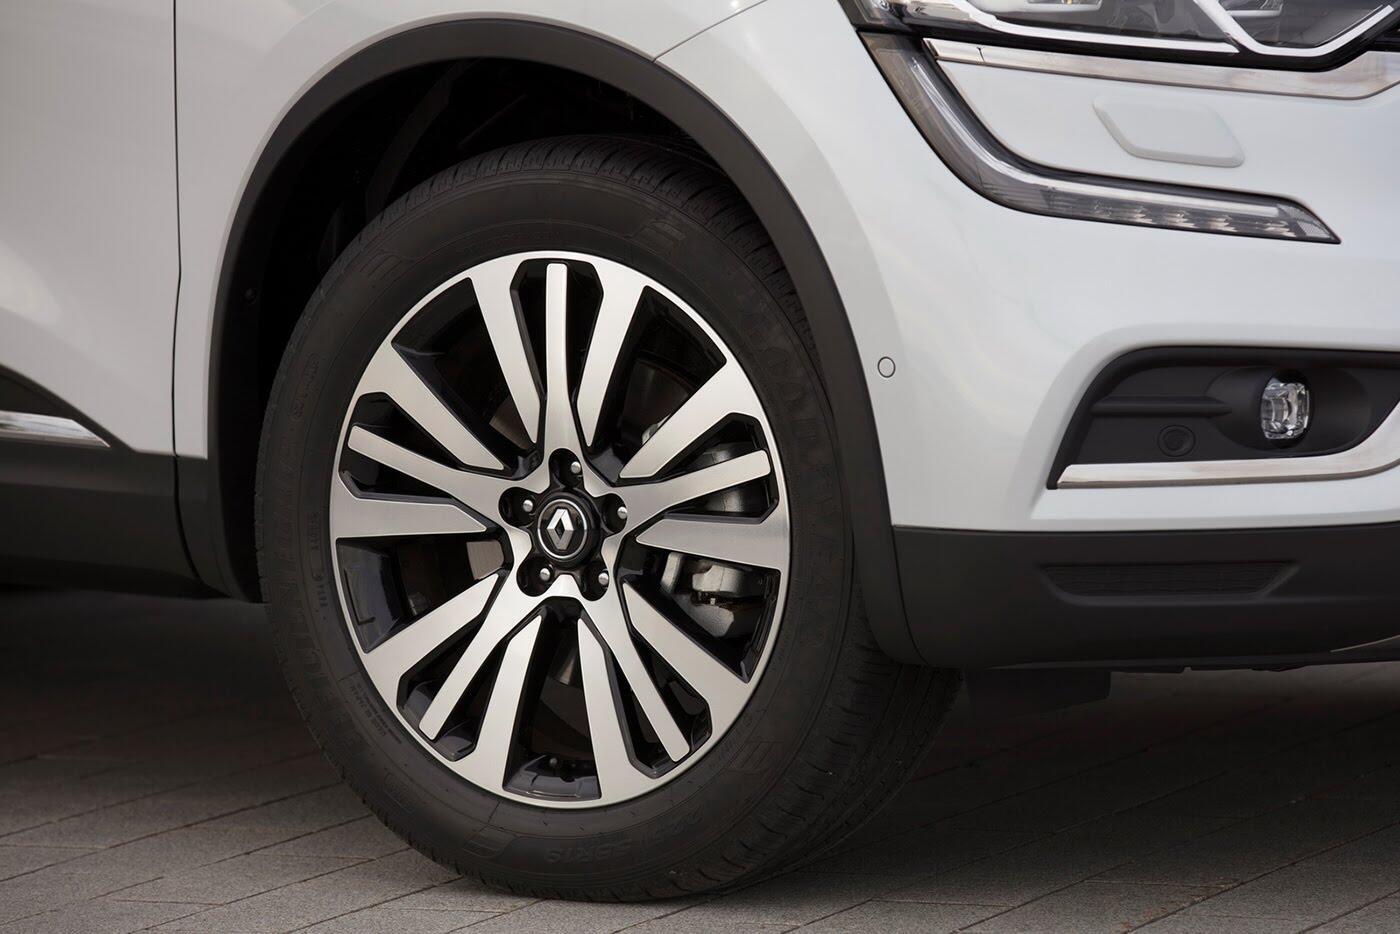 Xem thêm ảnh Renault Koleos 2017 - Hình 17